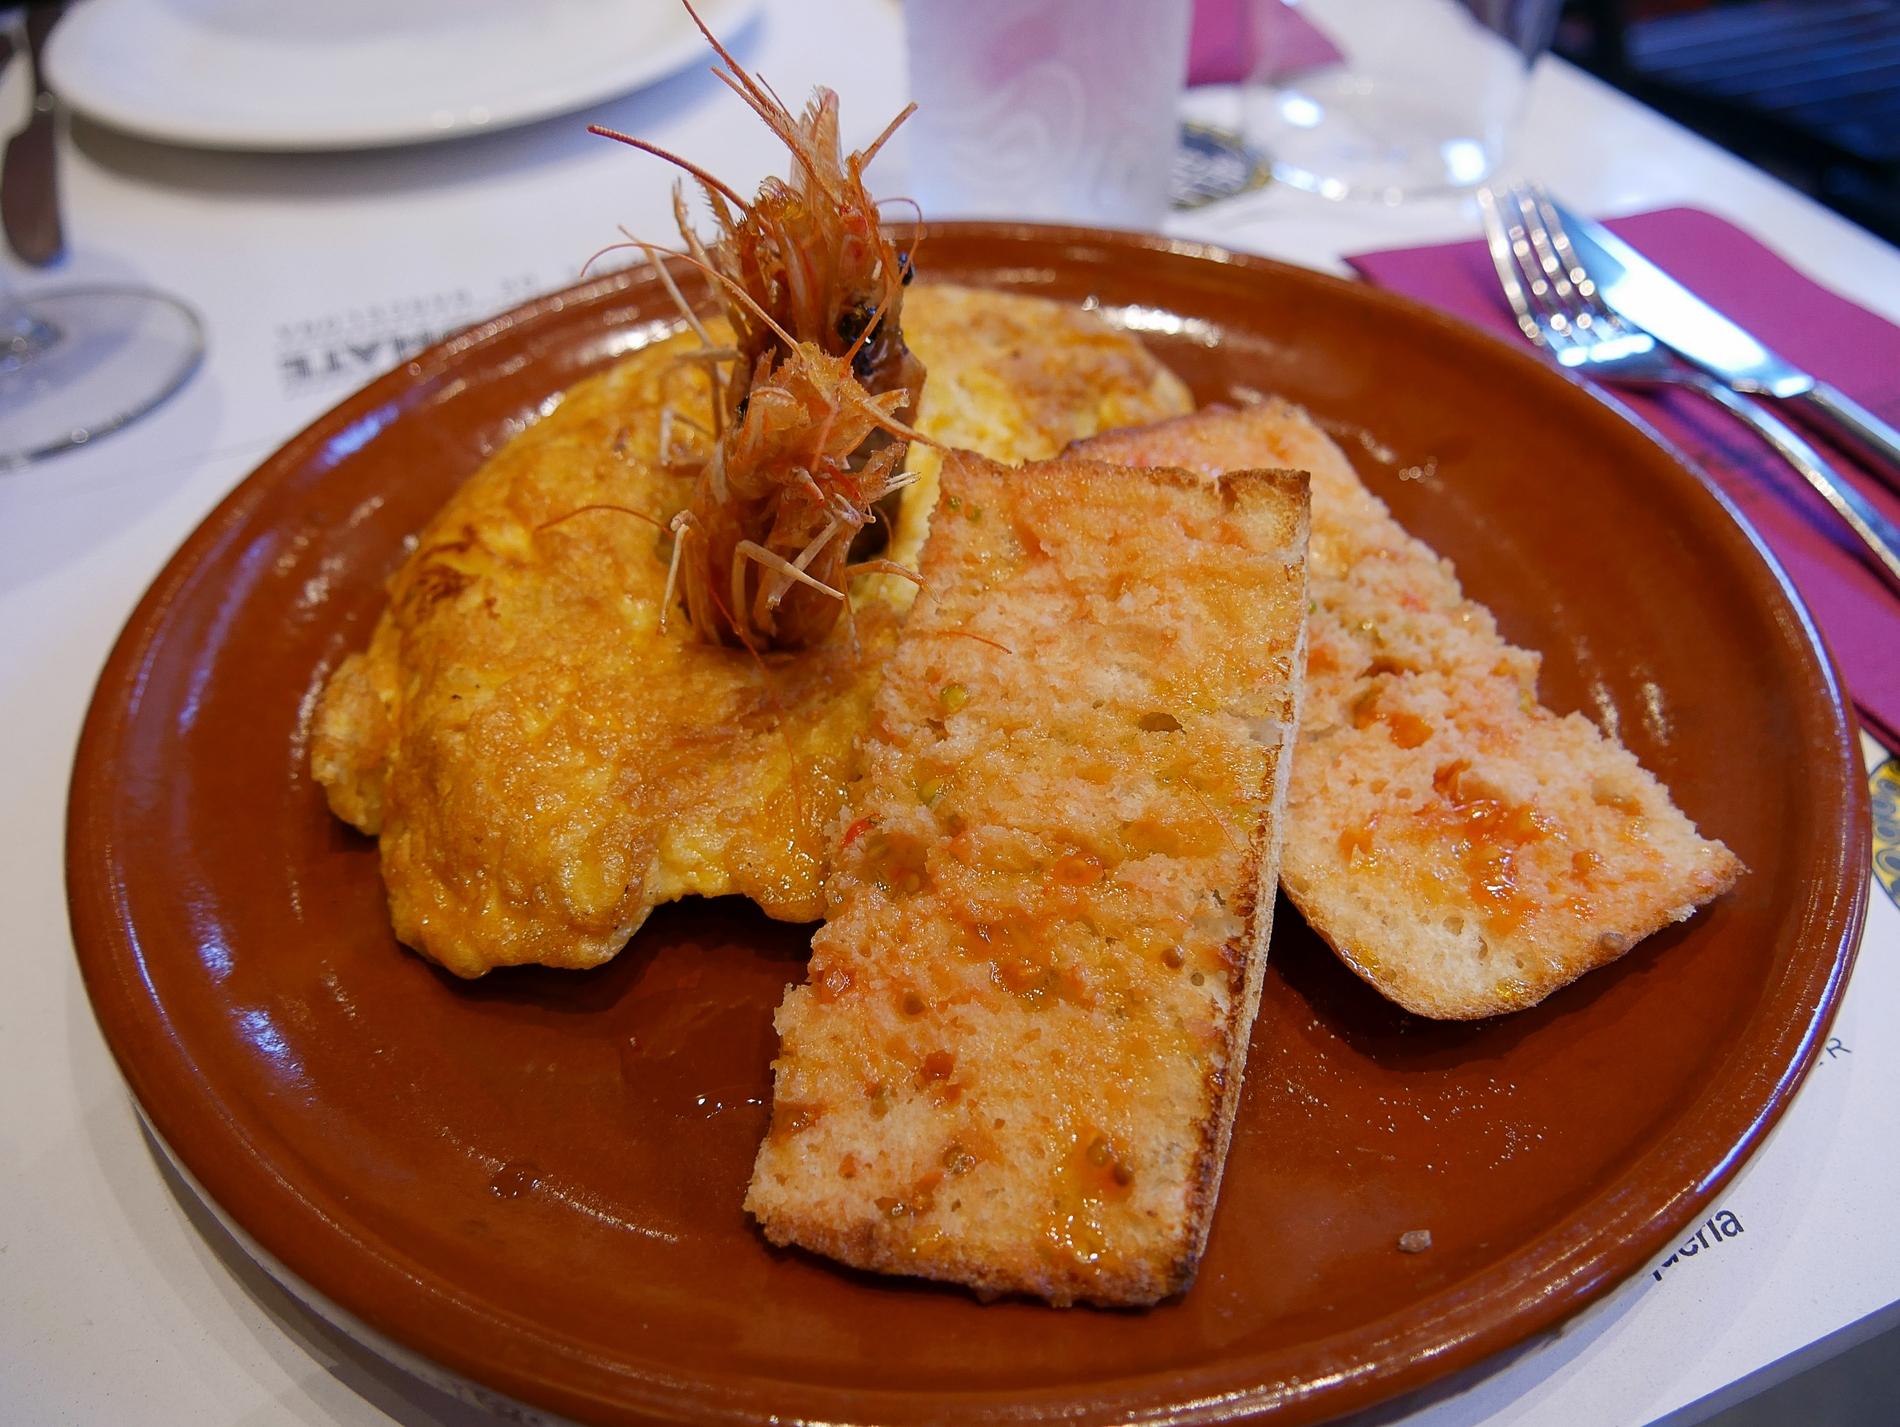 voyage découverte à barcelone - crevettes